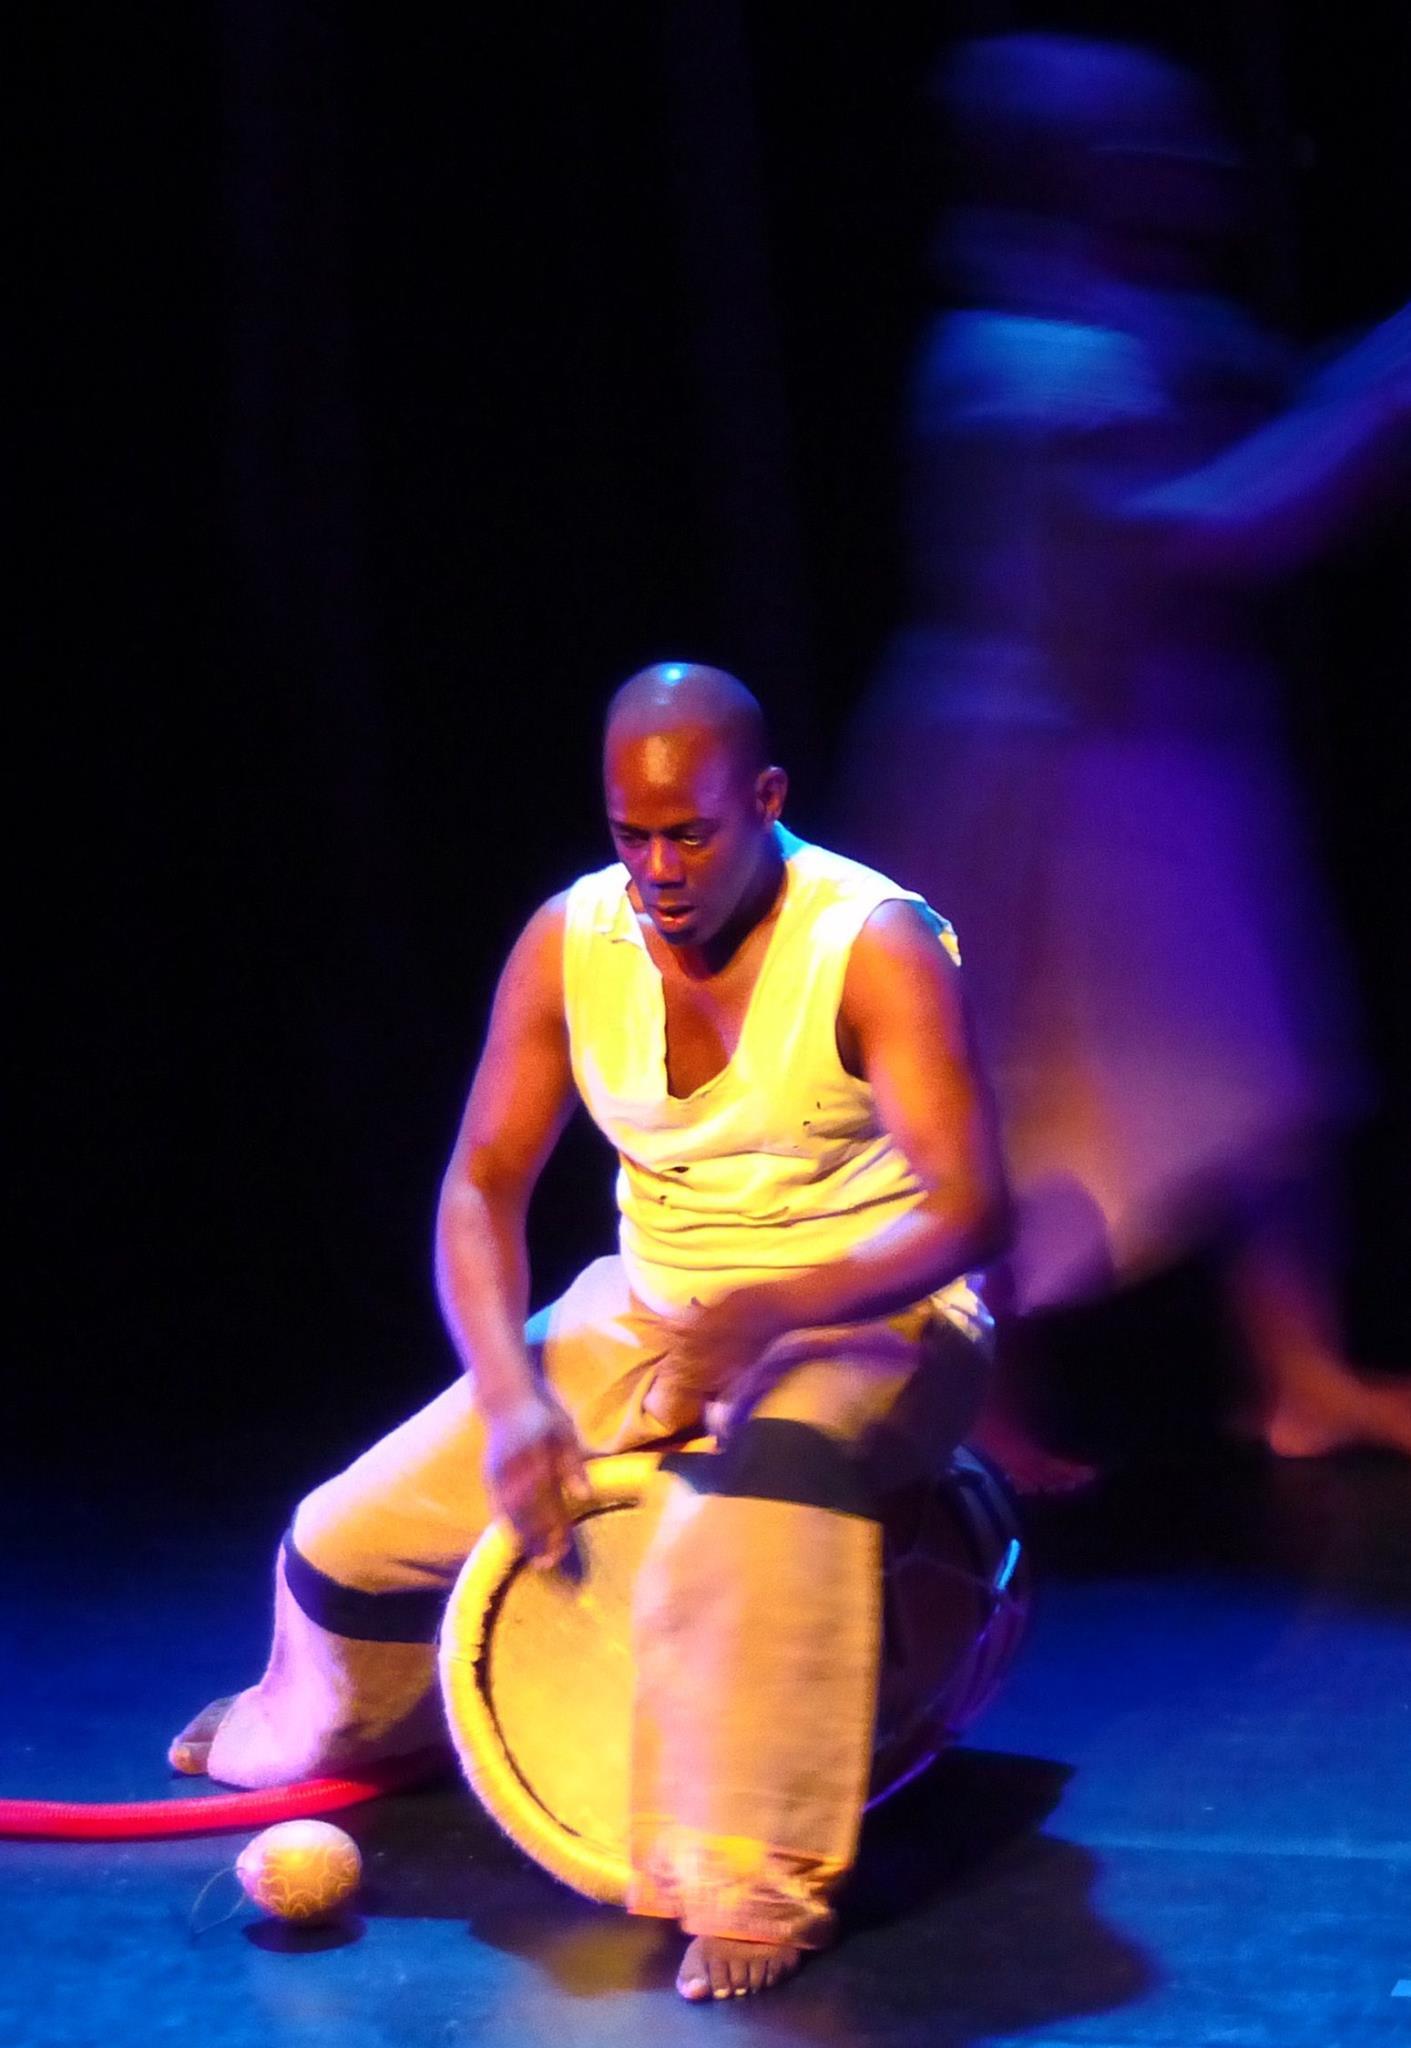 cie-boukousou-waka-douvan-jou-cite-musique-marseille-57